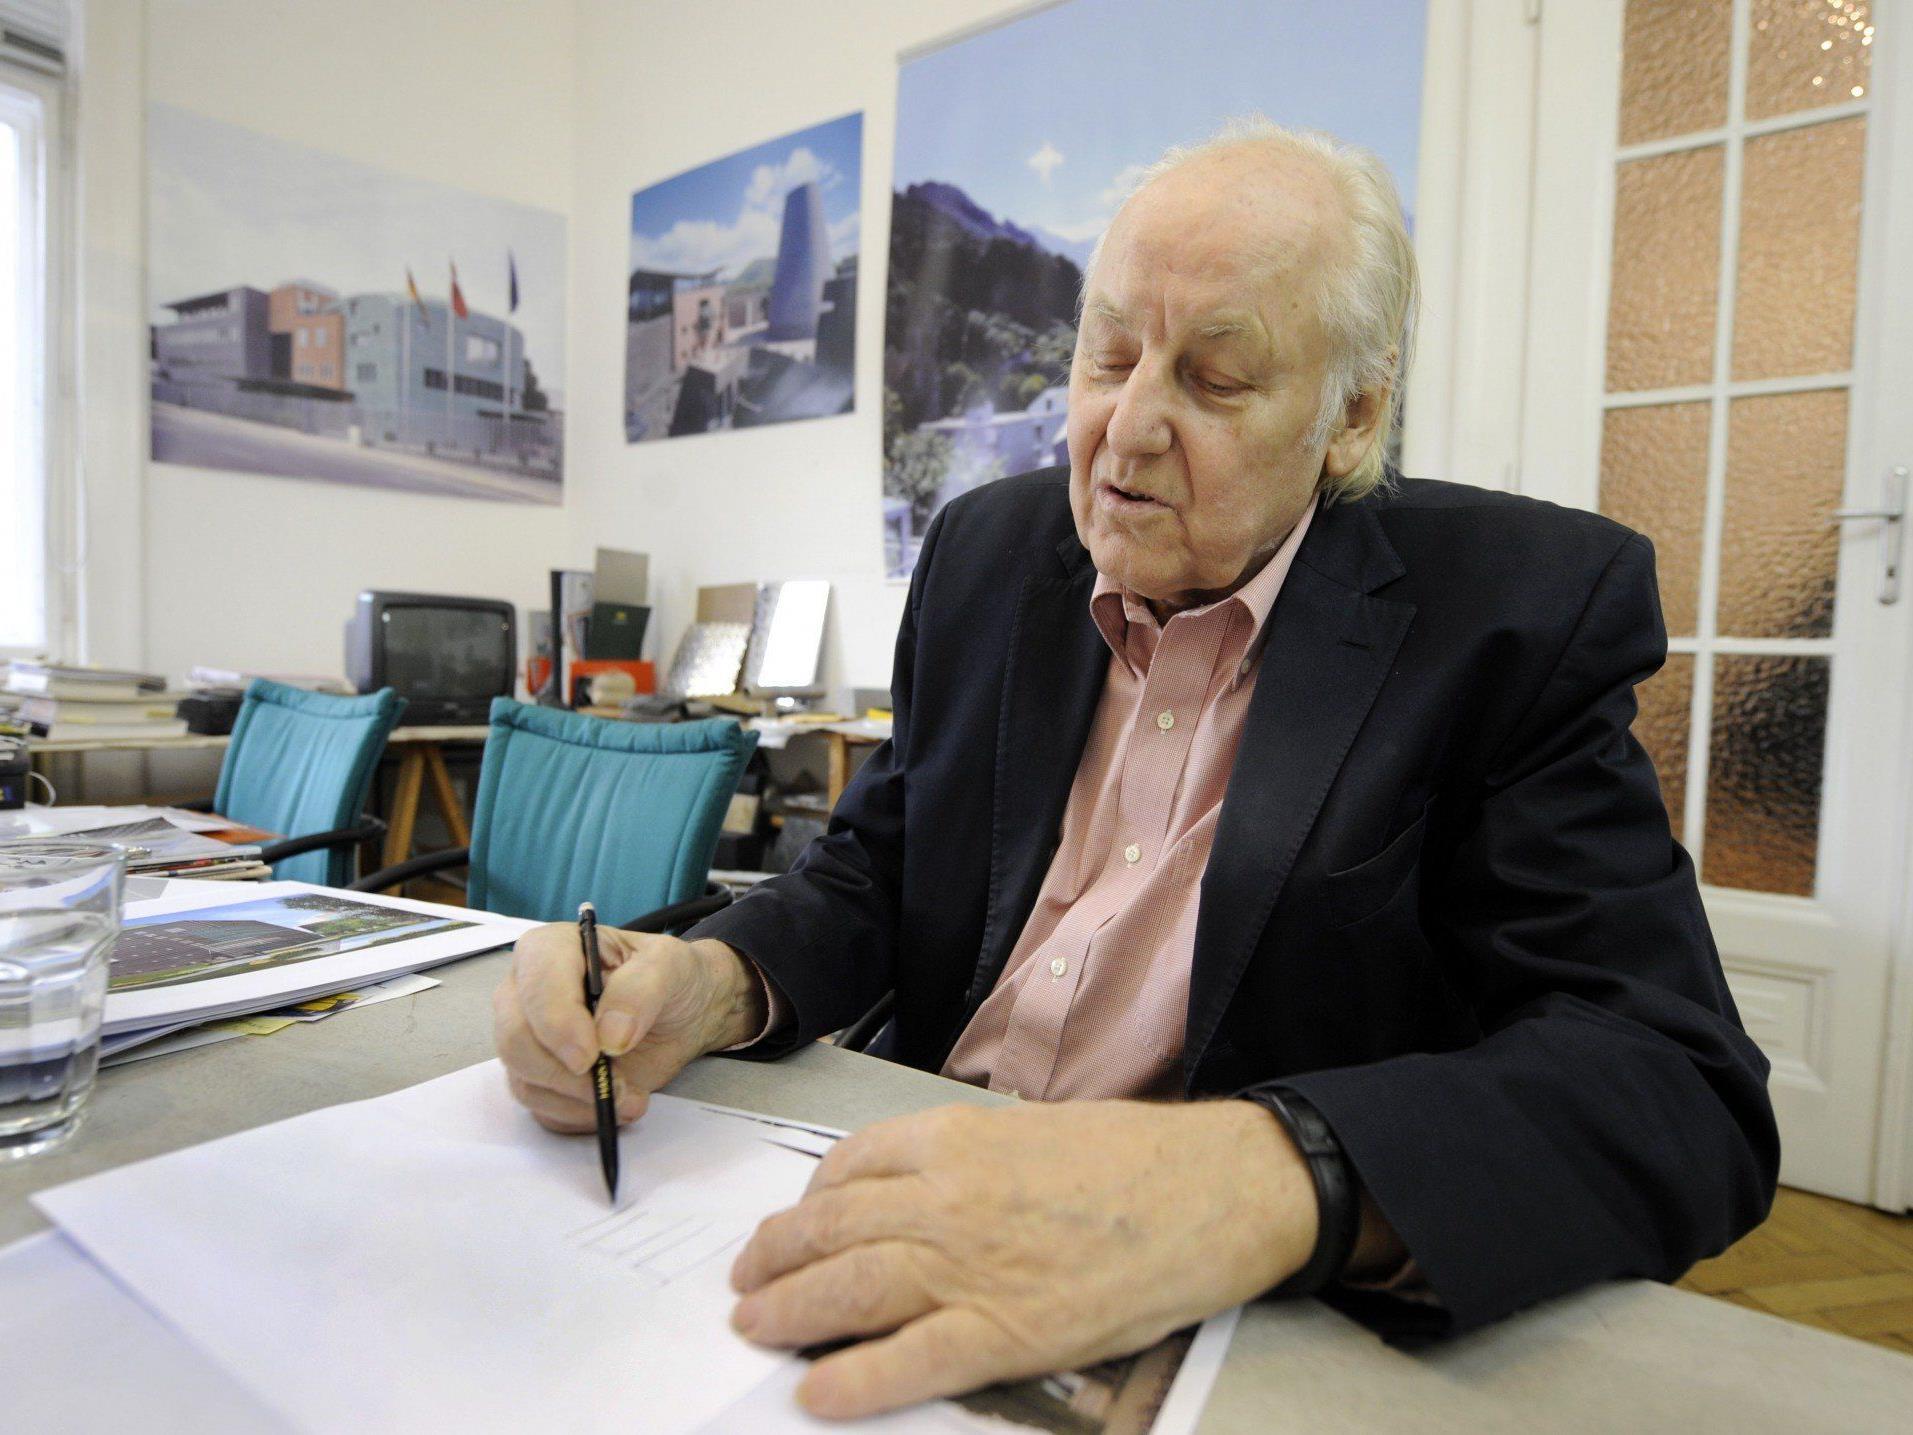 Österreichischer Architekt Hans Hollein 80-jährig gestorben